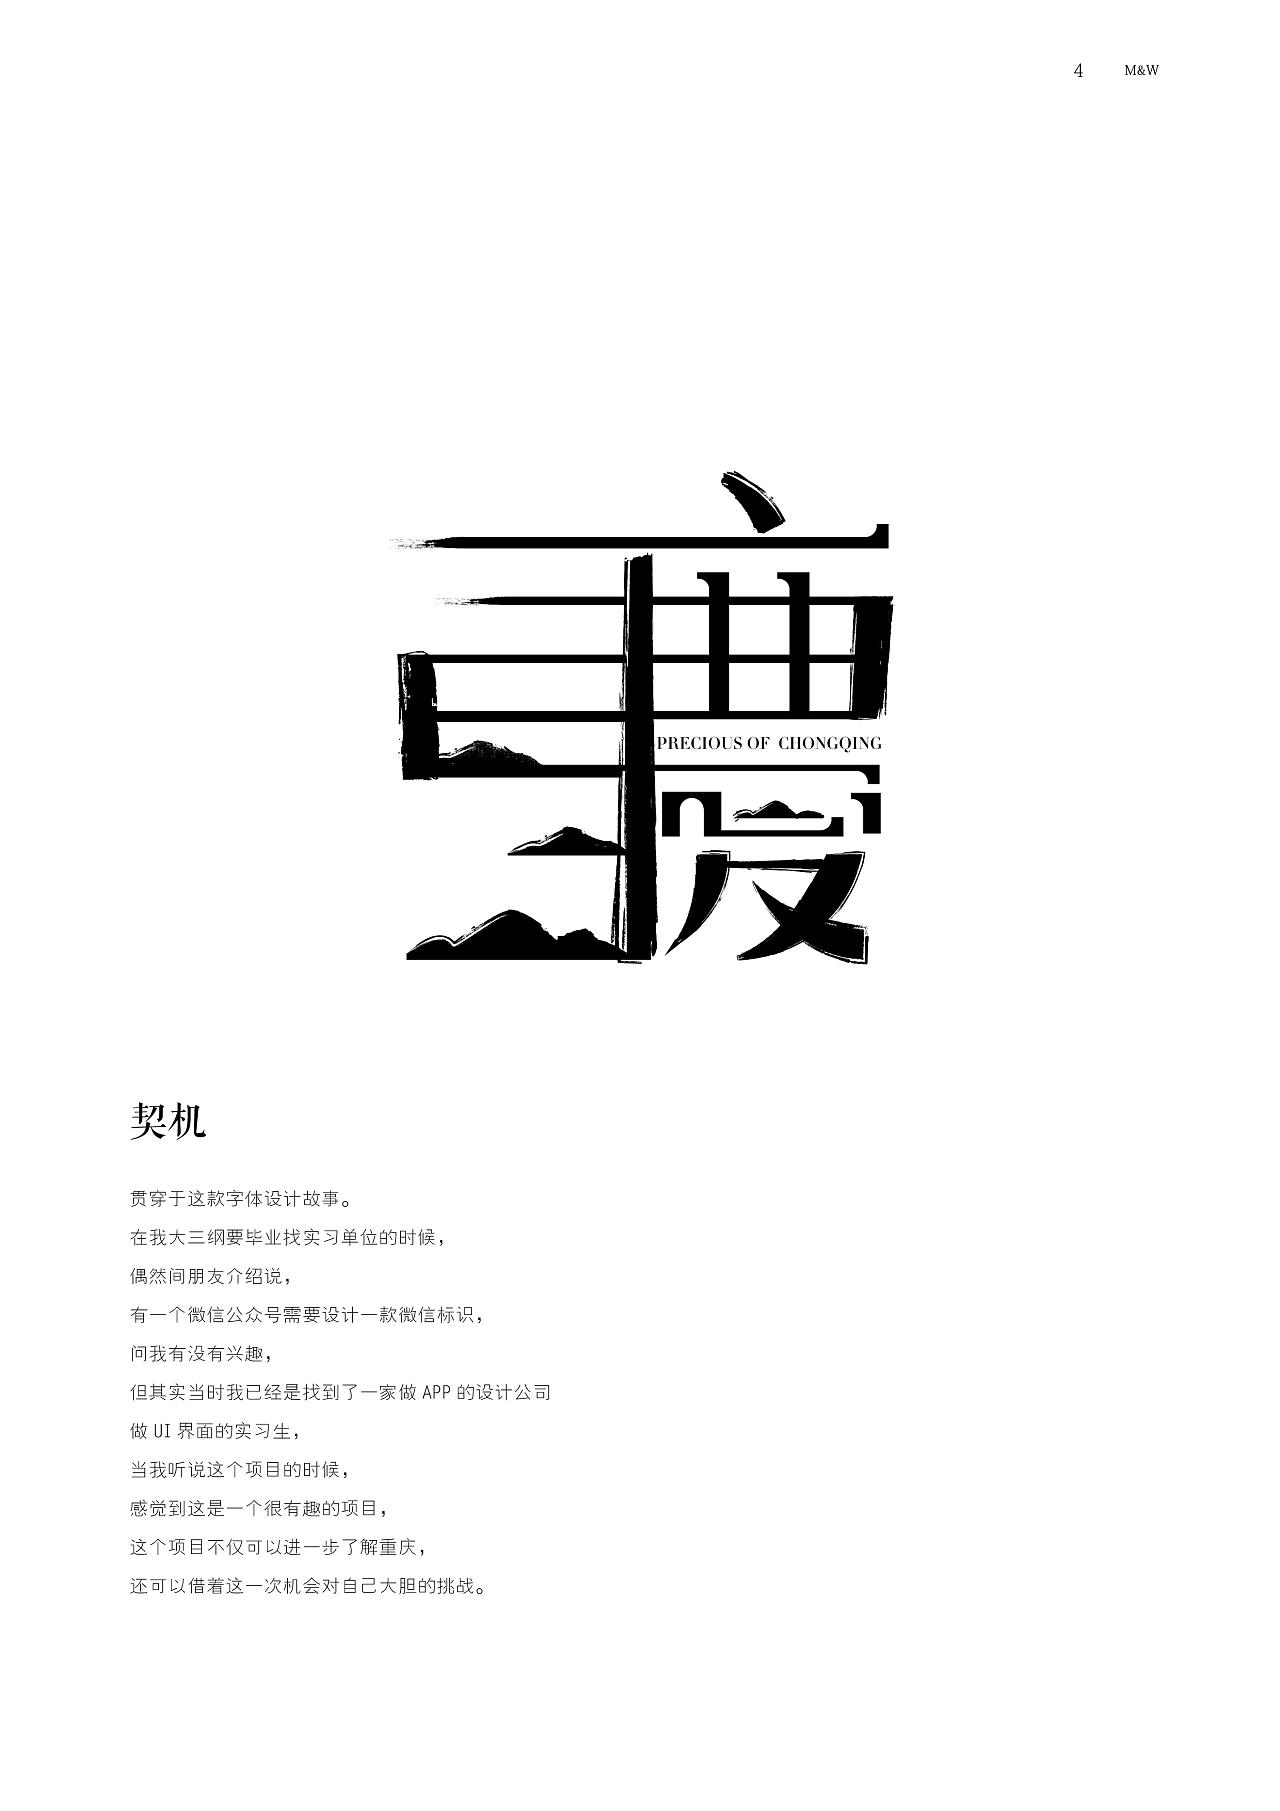 繁体字设计图片